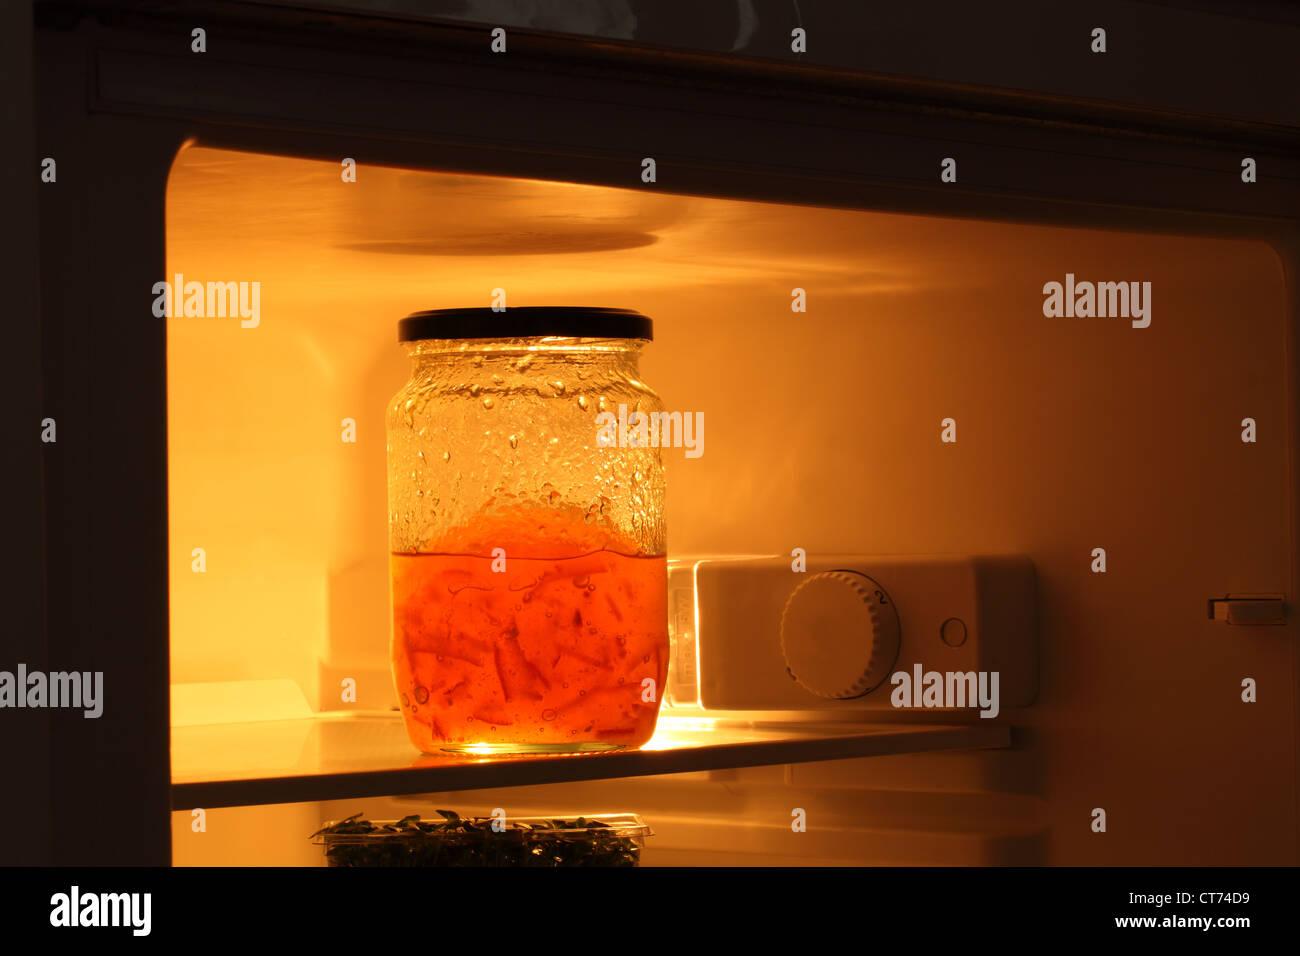 Kühlschrank Licht : Kühlschrank licht stockfotos & kühlschrank licht bilder alamy